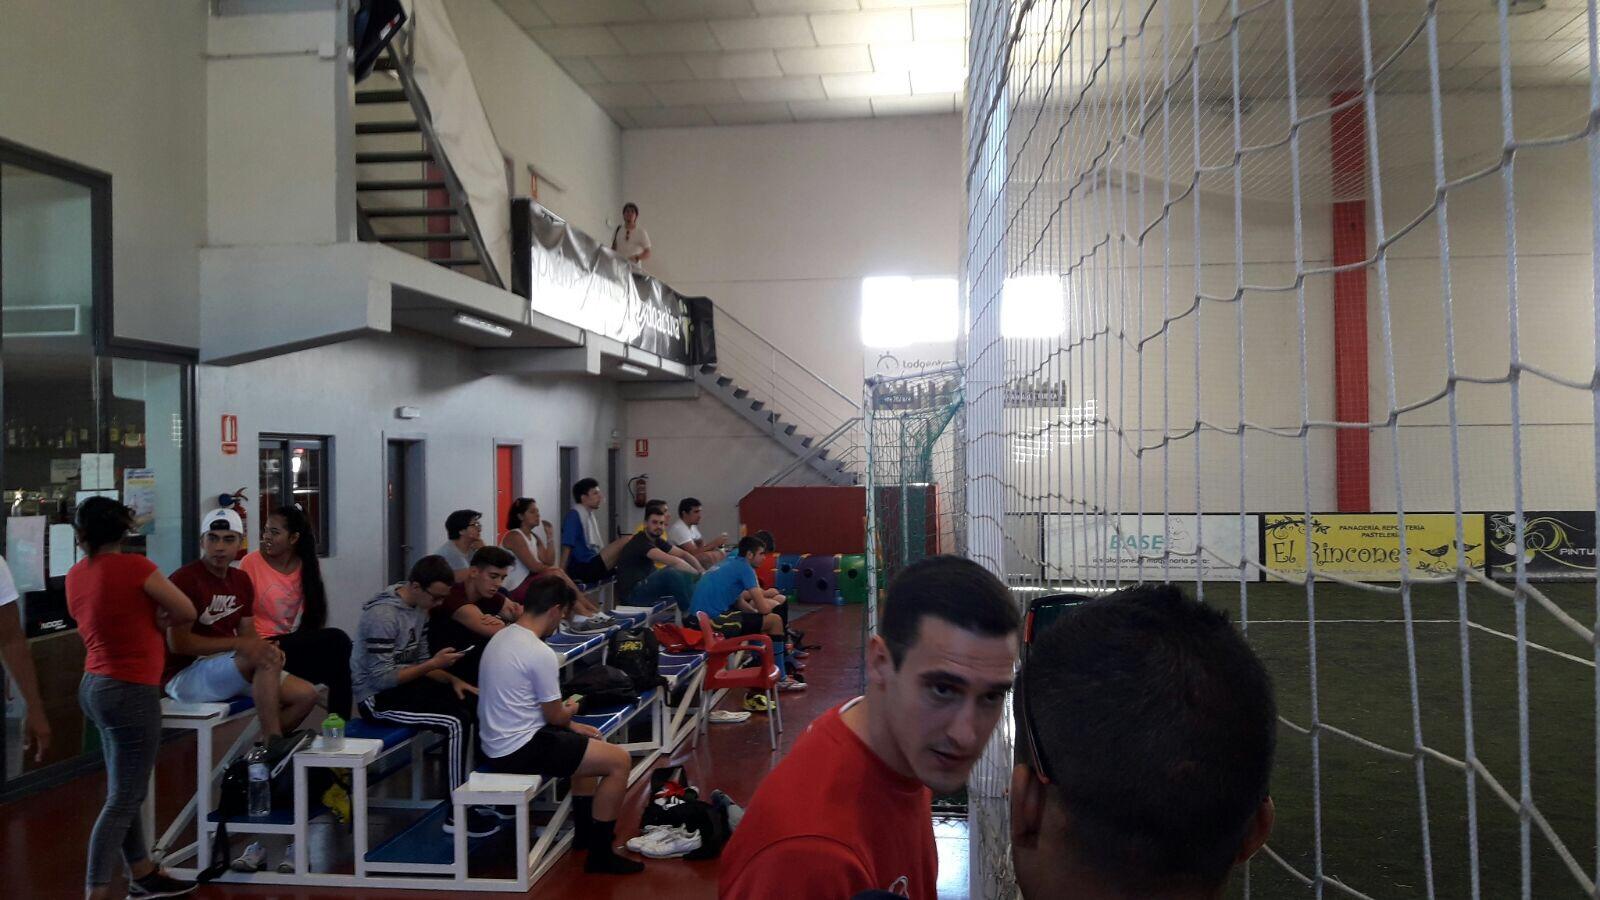 ambiente campeonato futbol indoor